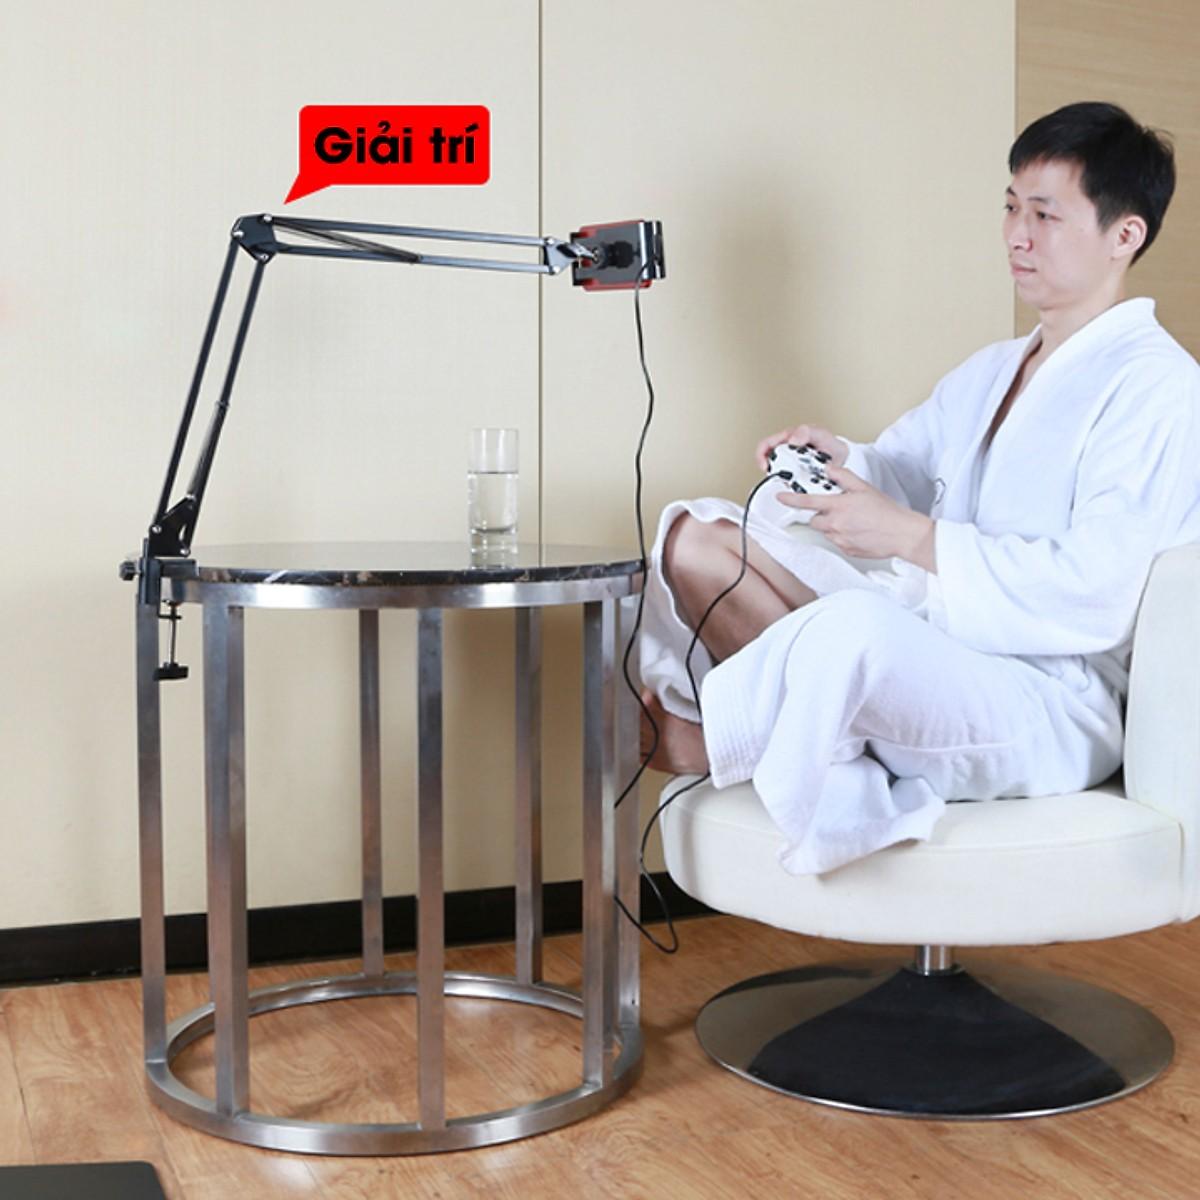 Giá đỡ điện thoại, máy tính bảng có chân kẹp đầu giường, cạnh bàn